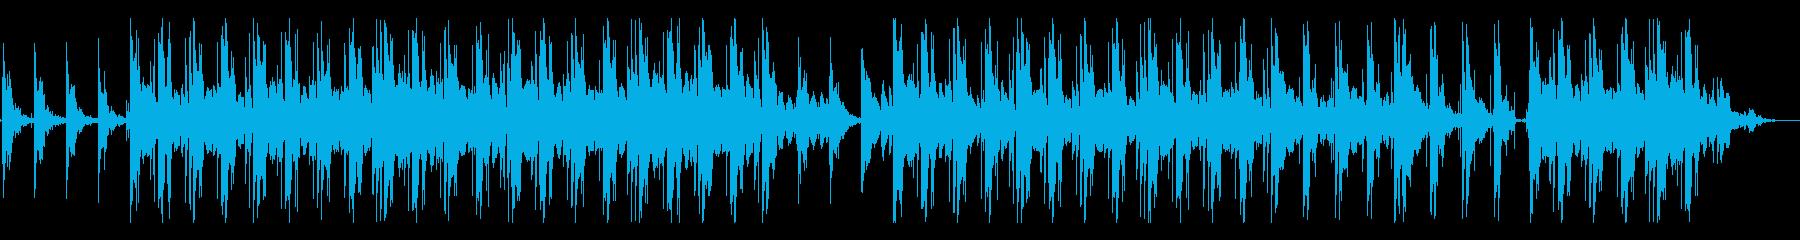 ゆったりとしたチルサウンドの再生済みの波形